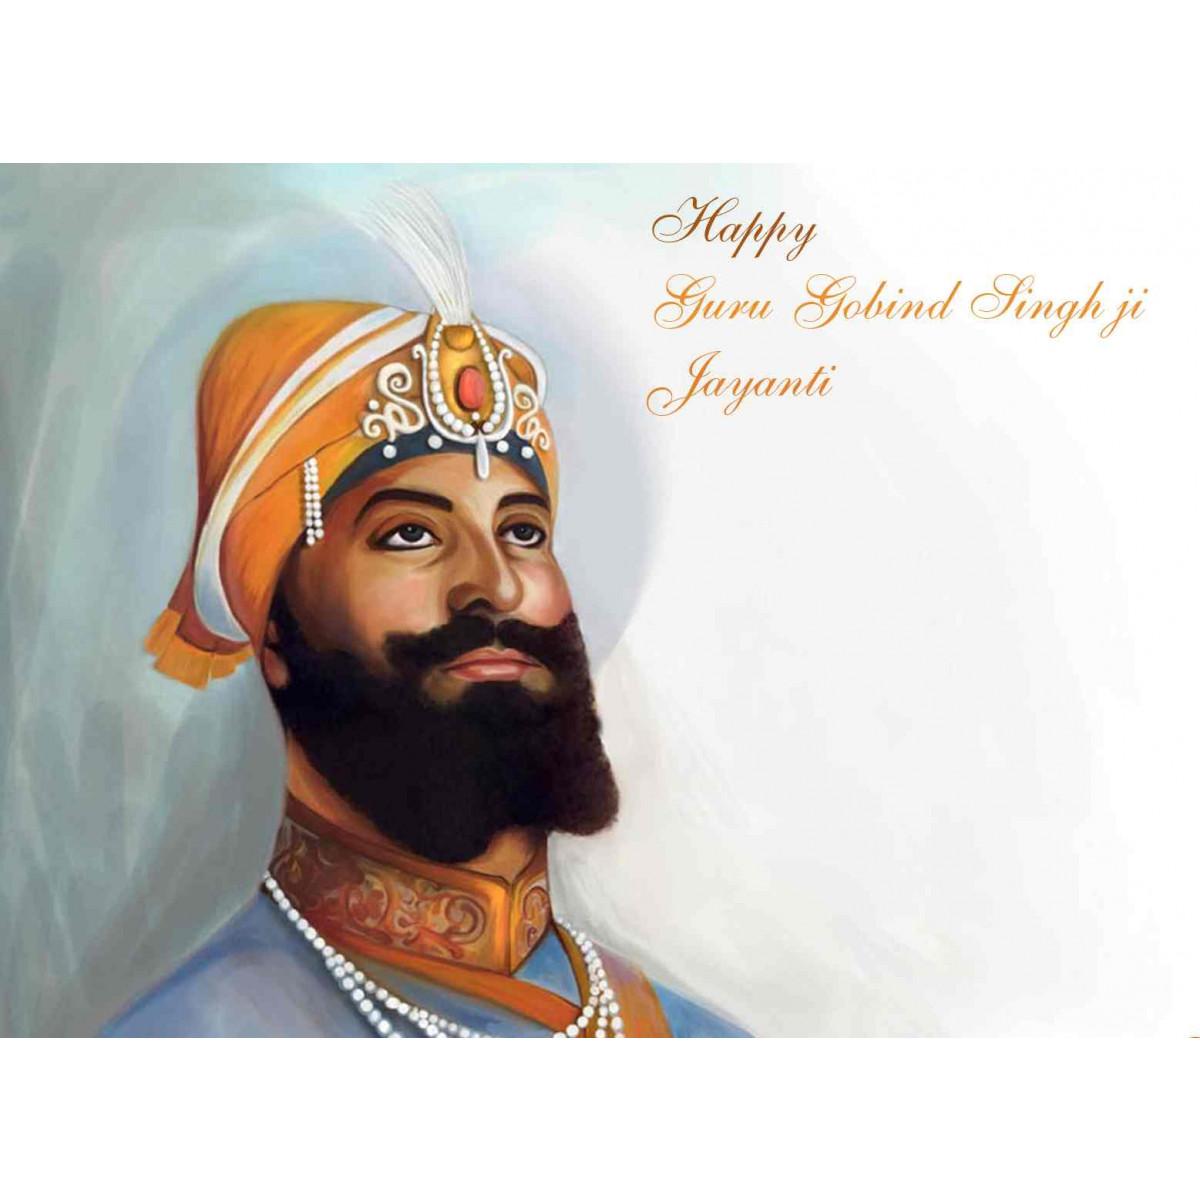 Guru Gobind Singh Birthday 2021 When Is Guru Gobind Singh Birthday 2021 Calendarz